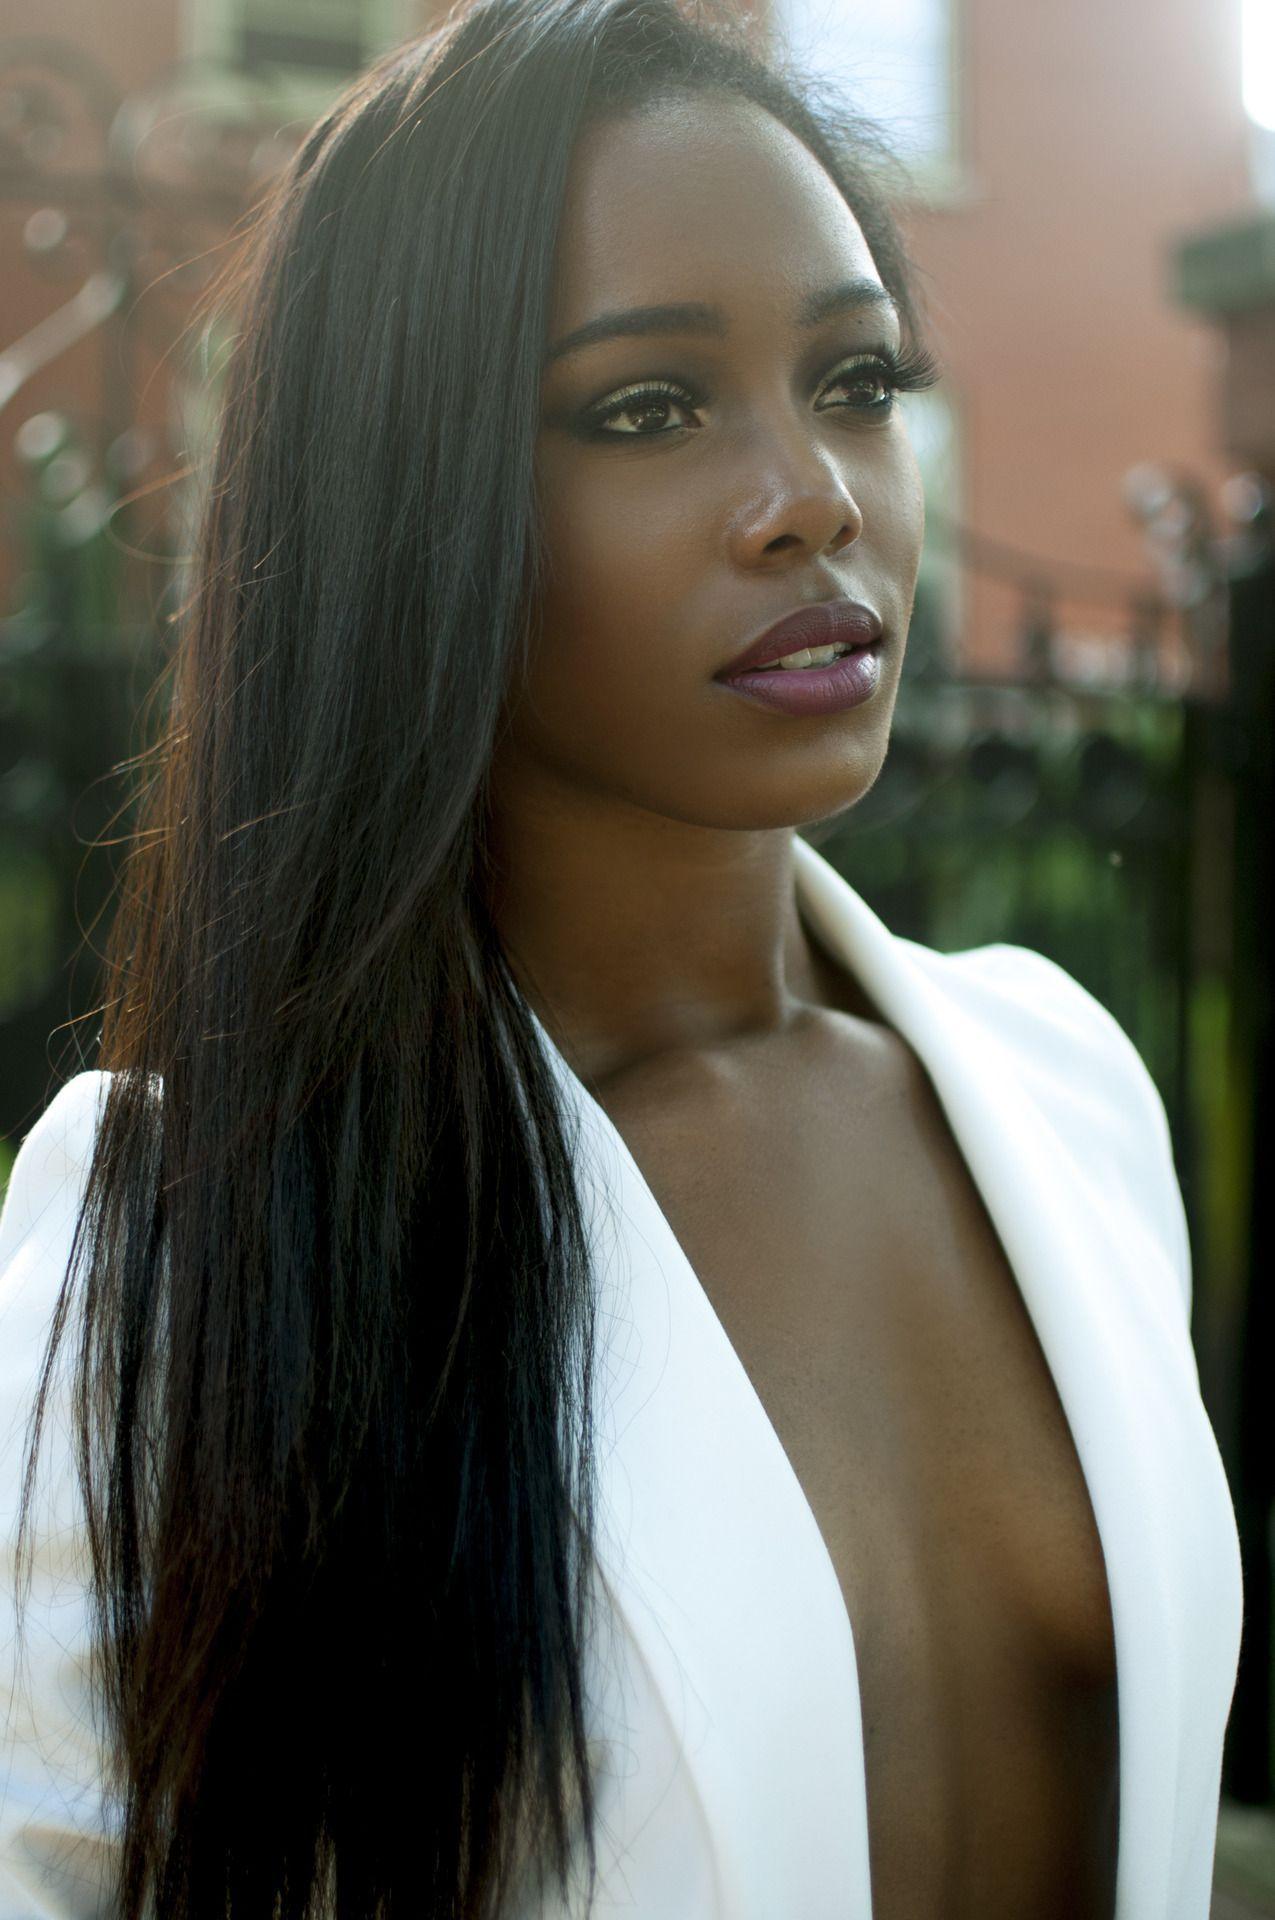 Рачком чулках брюнетка негритянка и блондинка онлайн